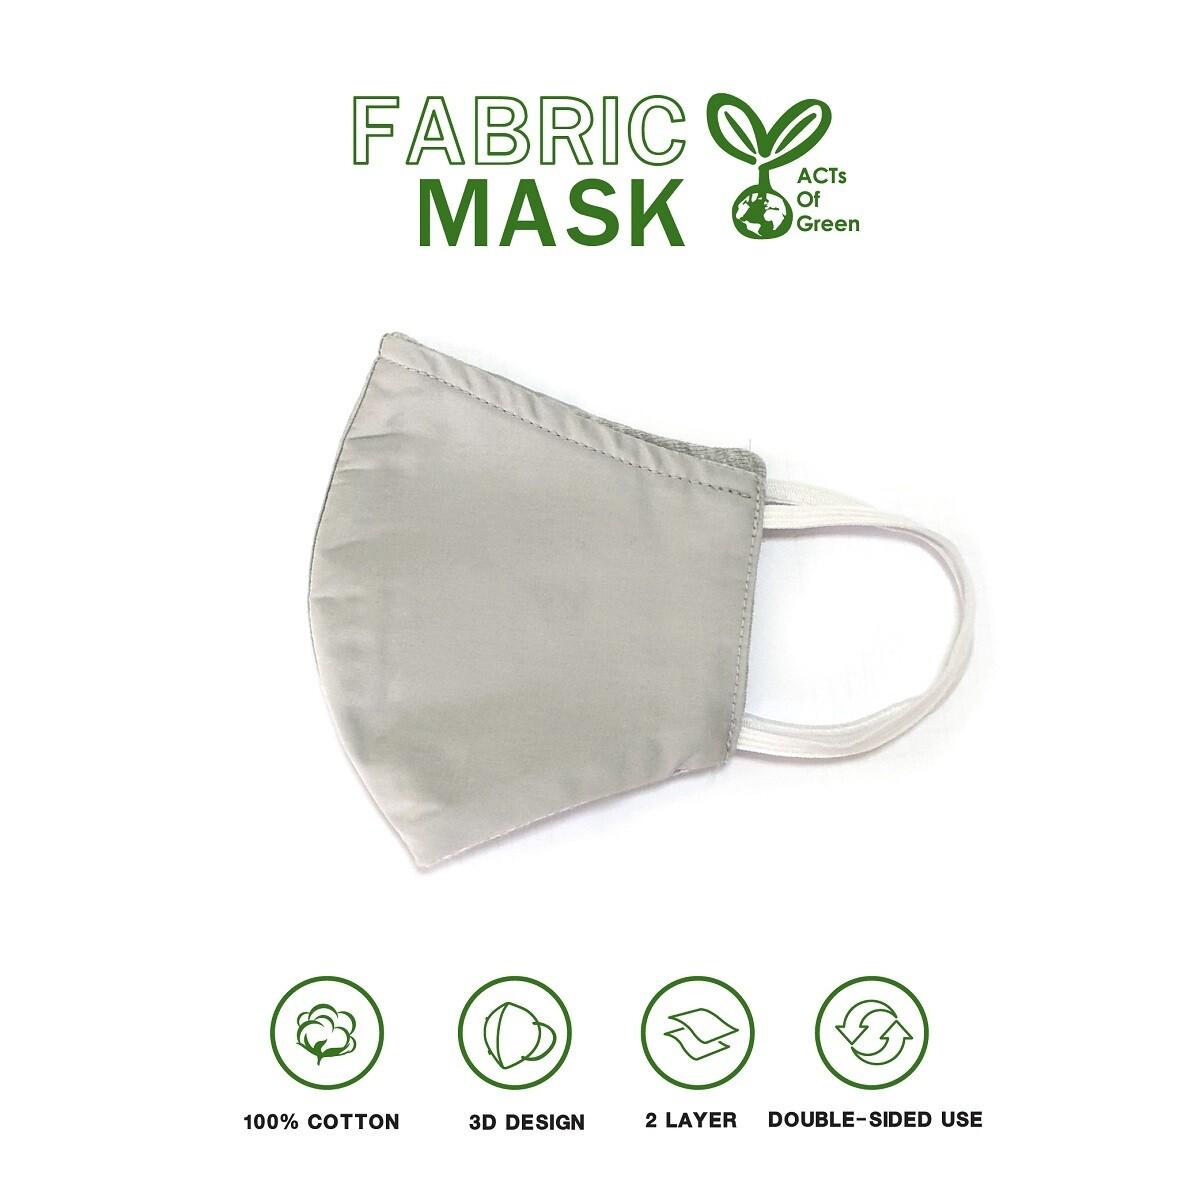 Fabric Mask A8